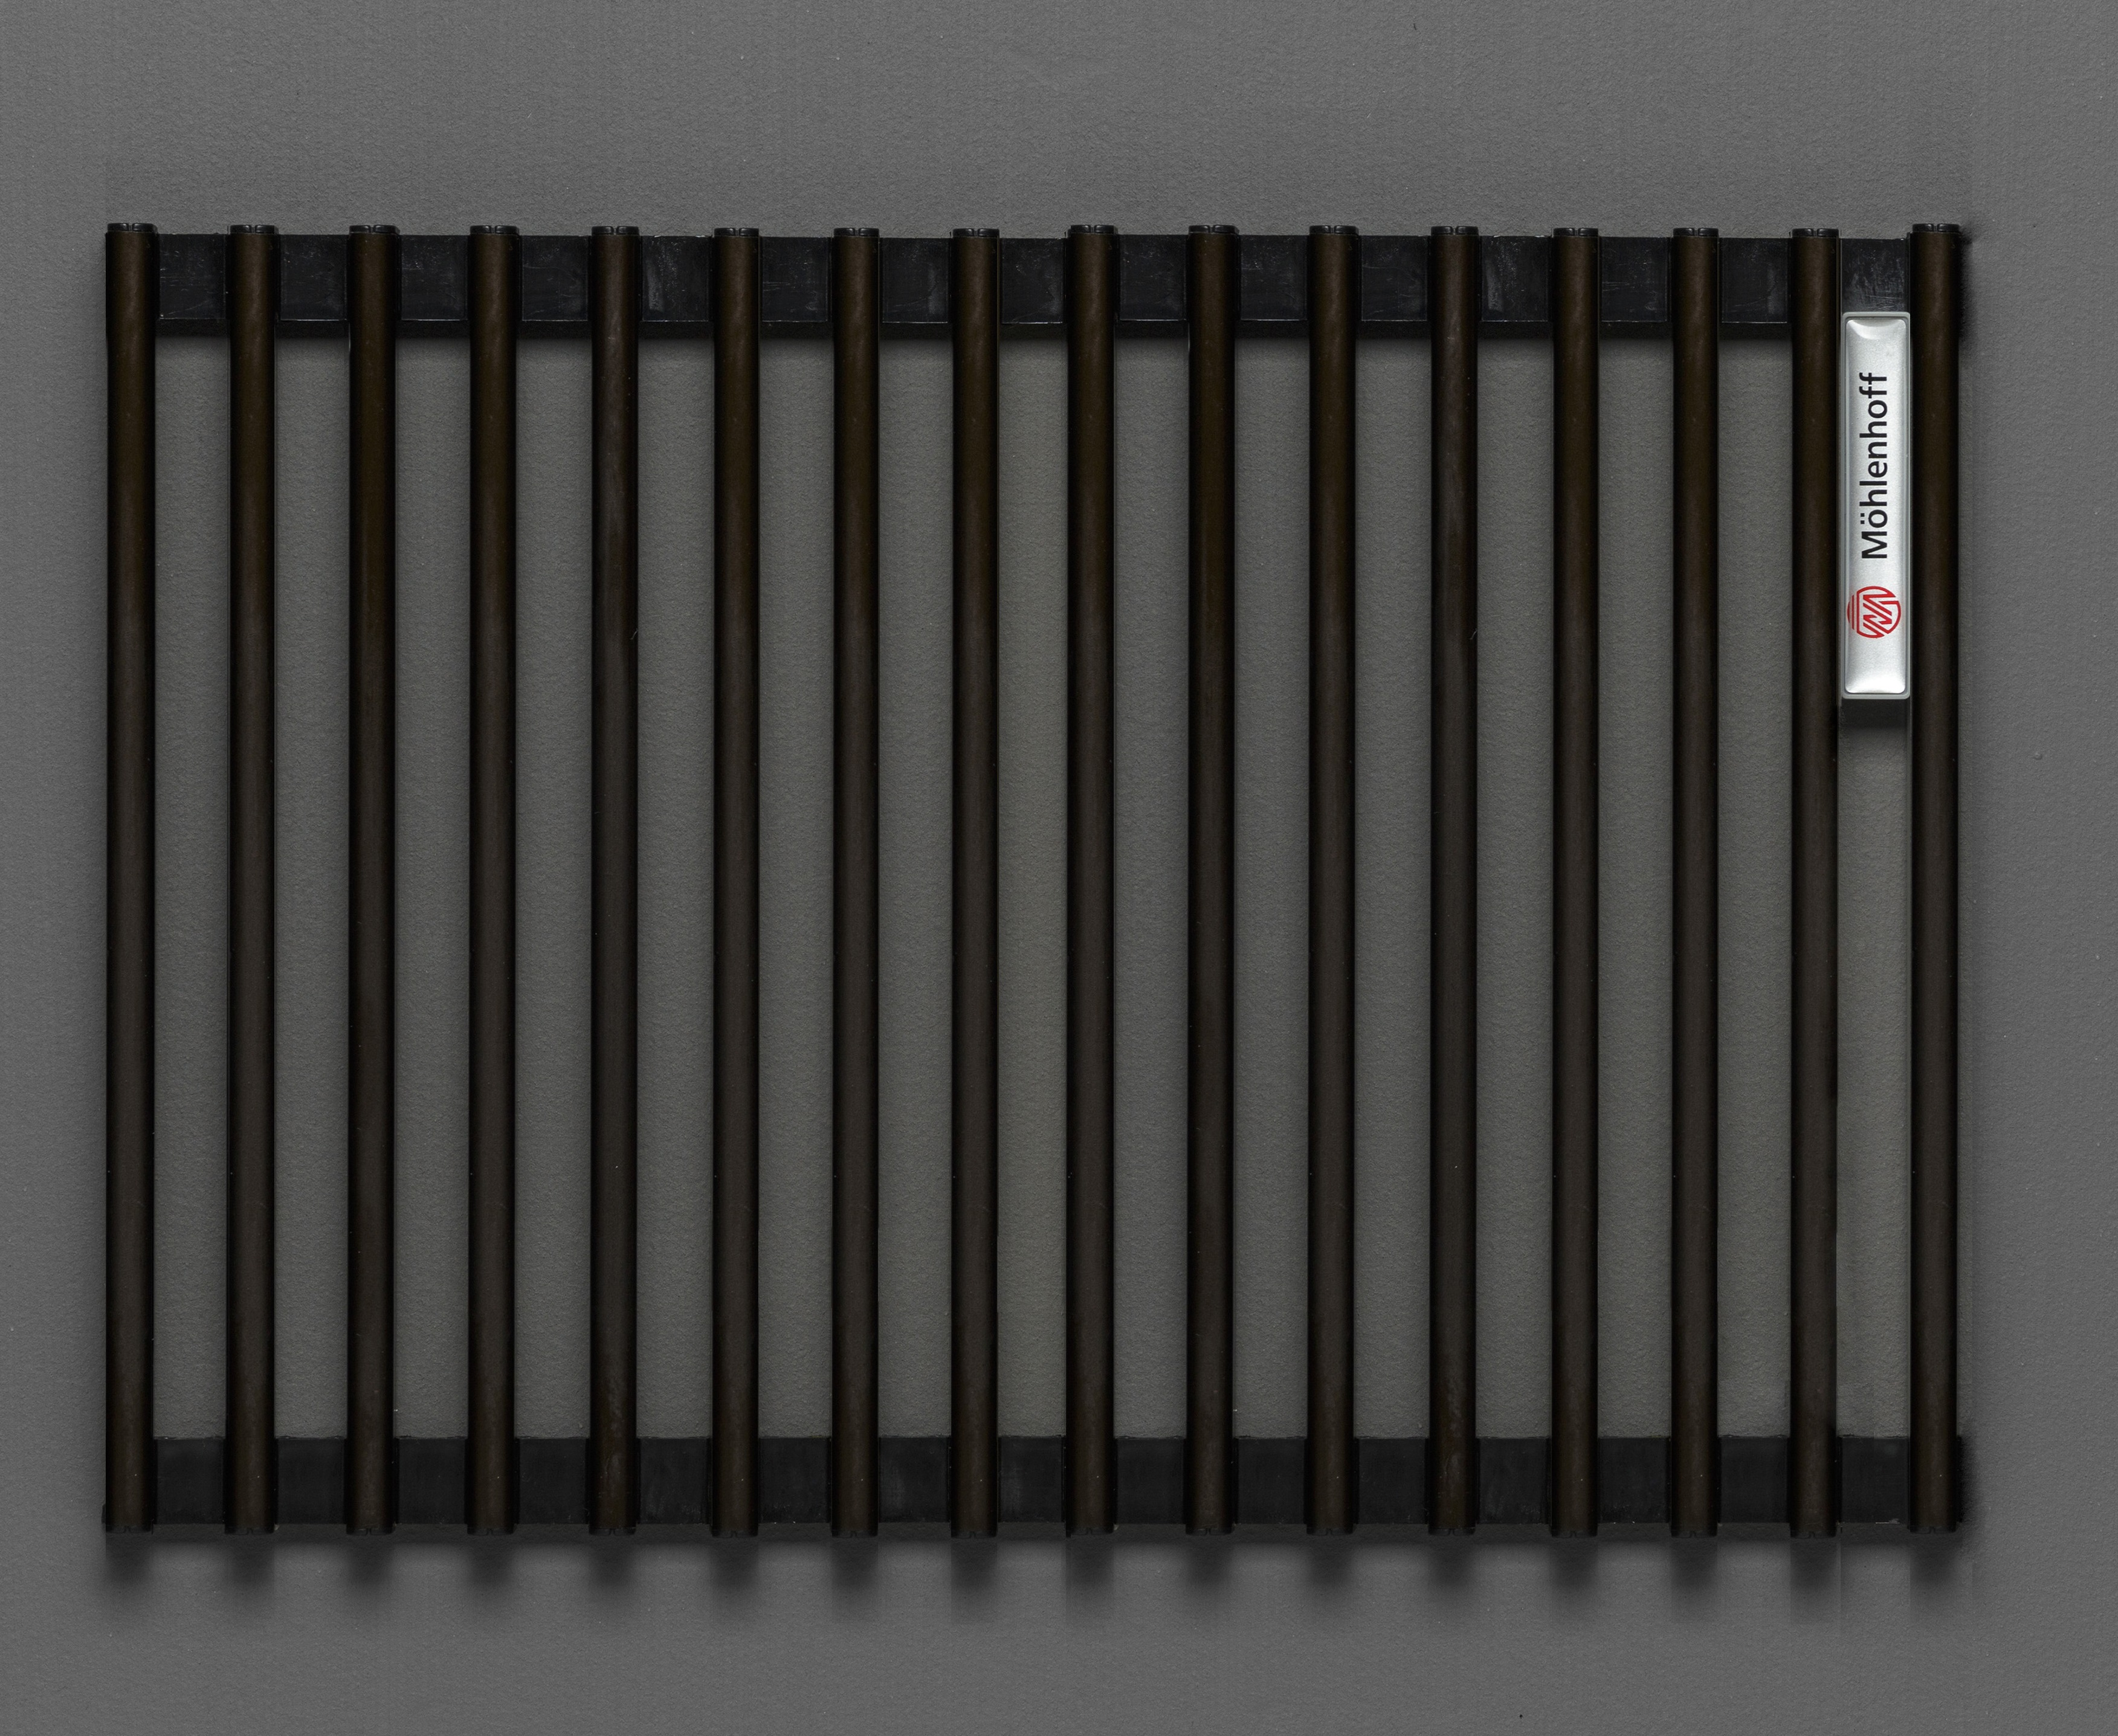 Купить Декоративная решётка Mohlenhoff темная бронза, шириной 260 мм 1 пог. м, Россия